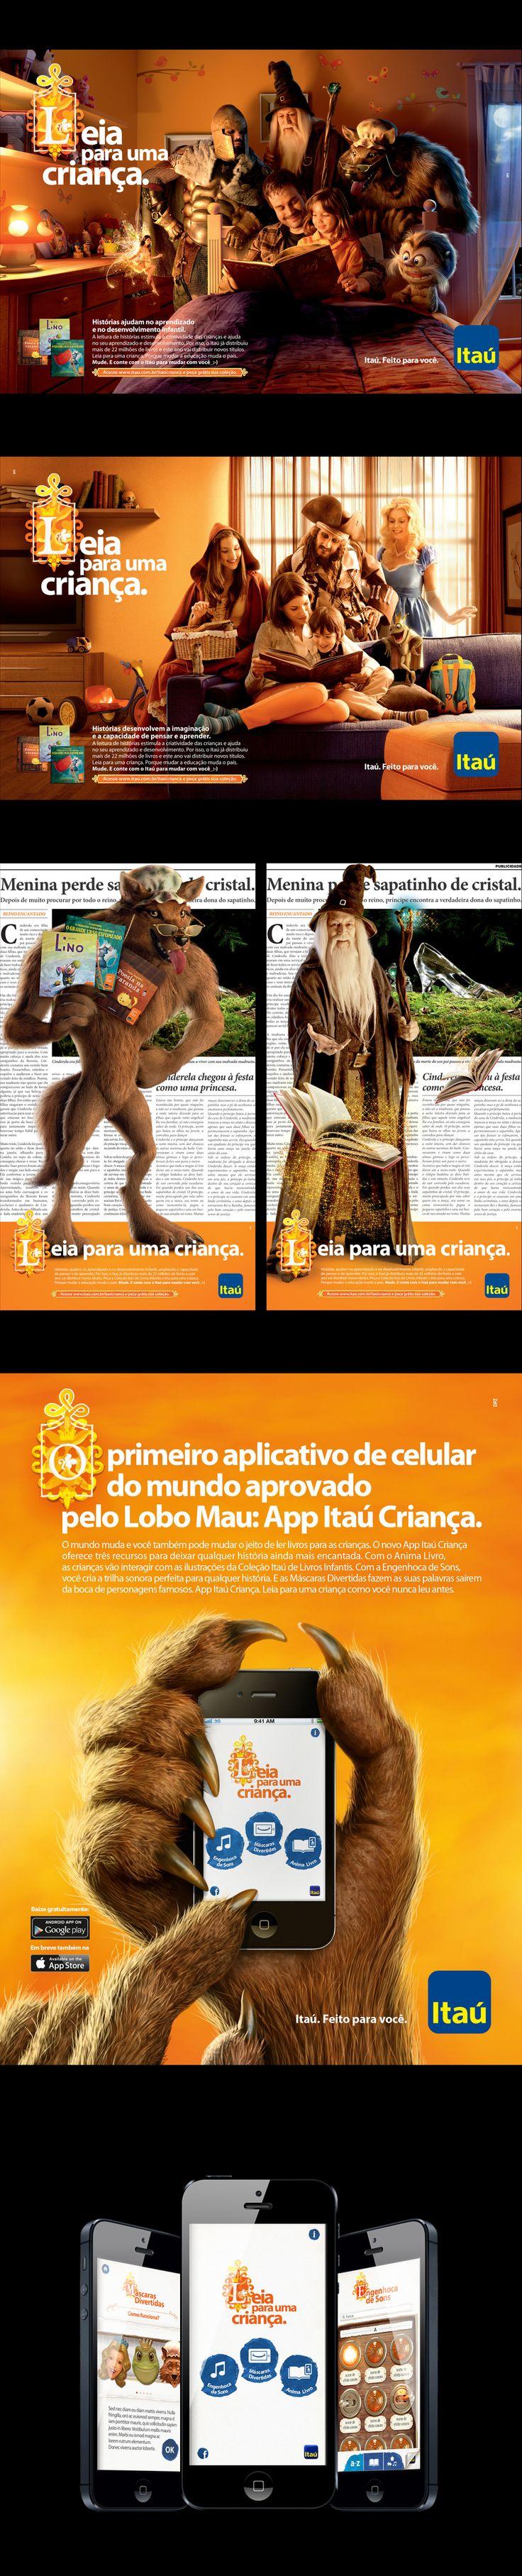 itaú criança 2012 - brunolandi.com